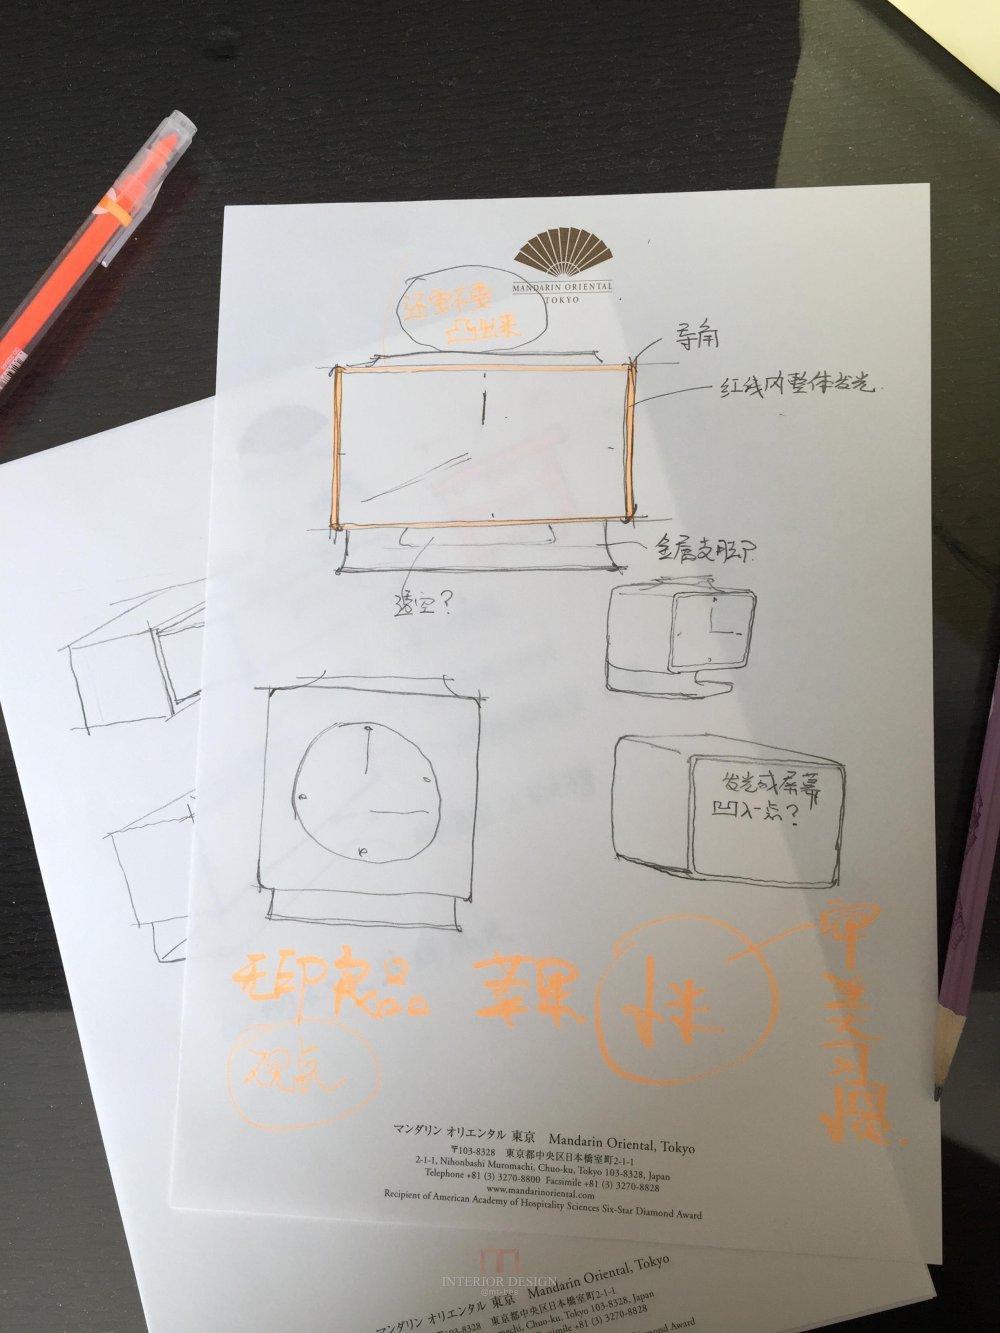 图片22-1.jpg